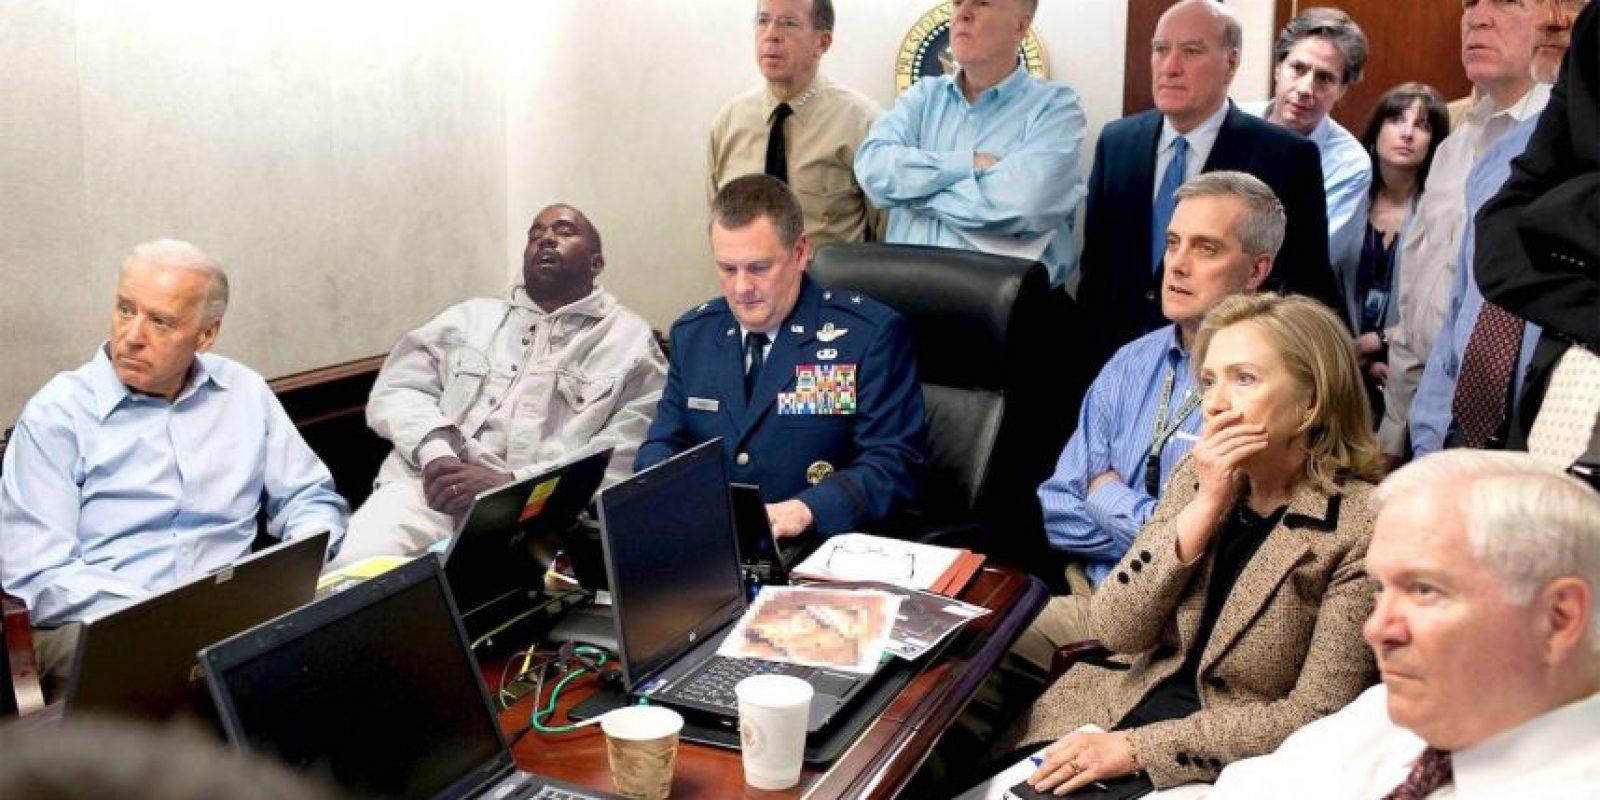 Por ejemplo, se burlaron de sus aspiraciones presidenciales para 2020 Foto:Imgur / Reddit